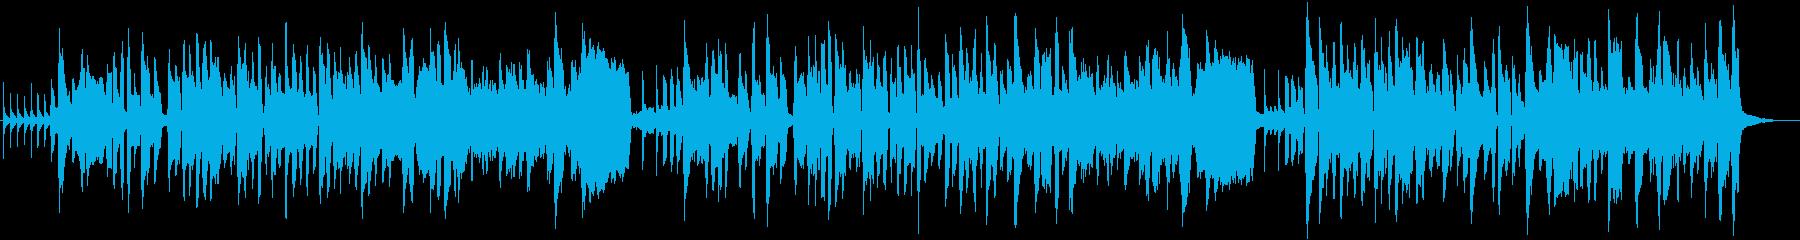 地産地消をテーマにした楽曲の再生済みの波形